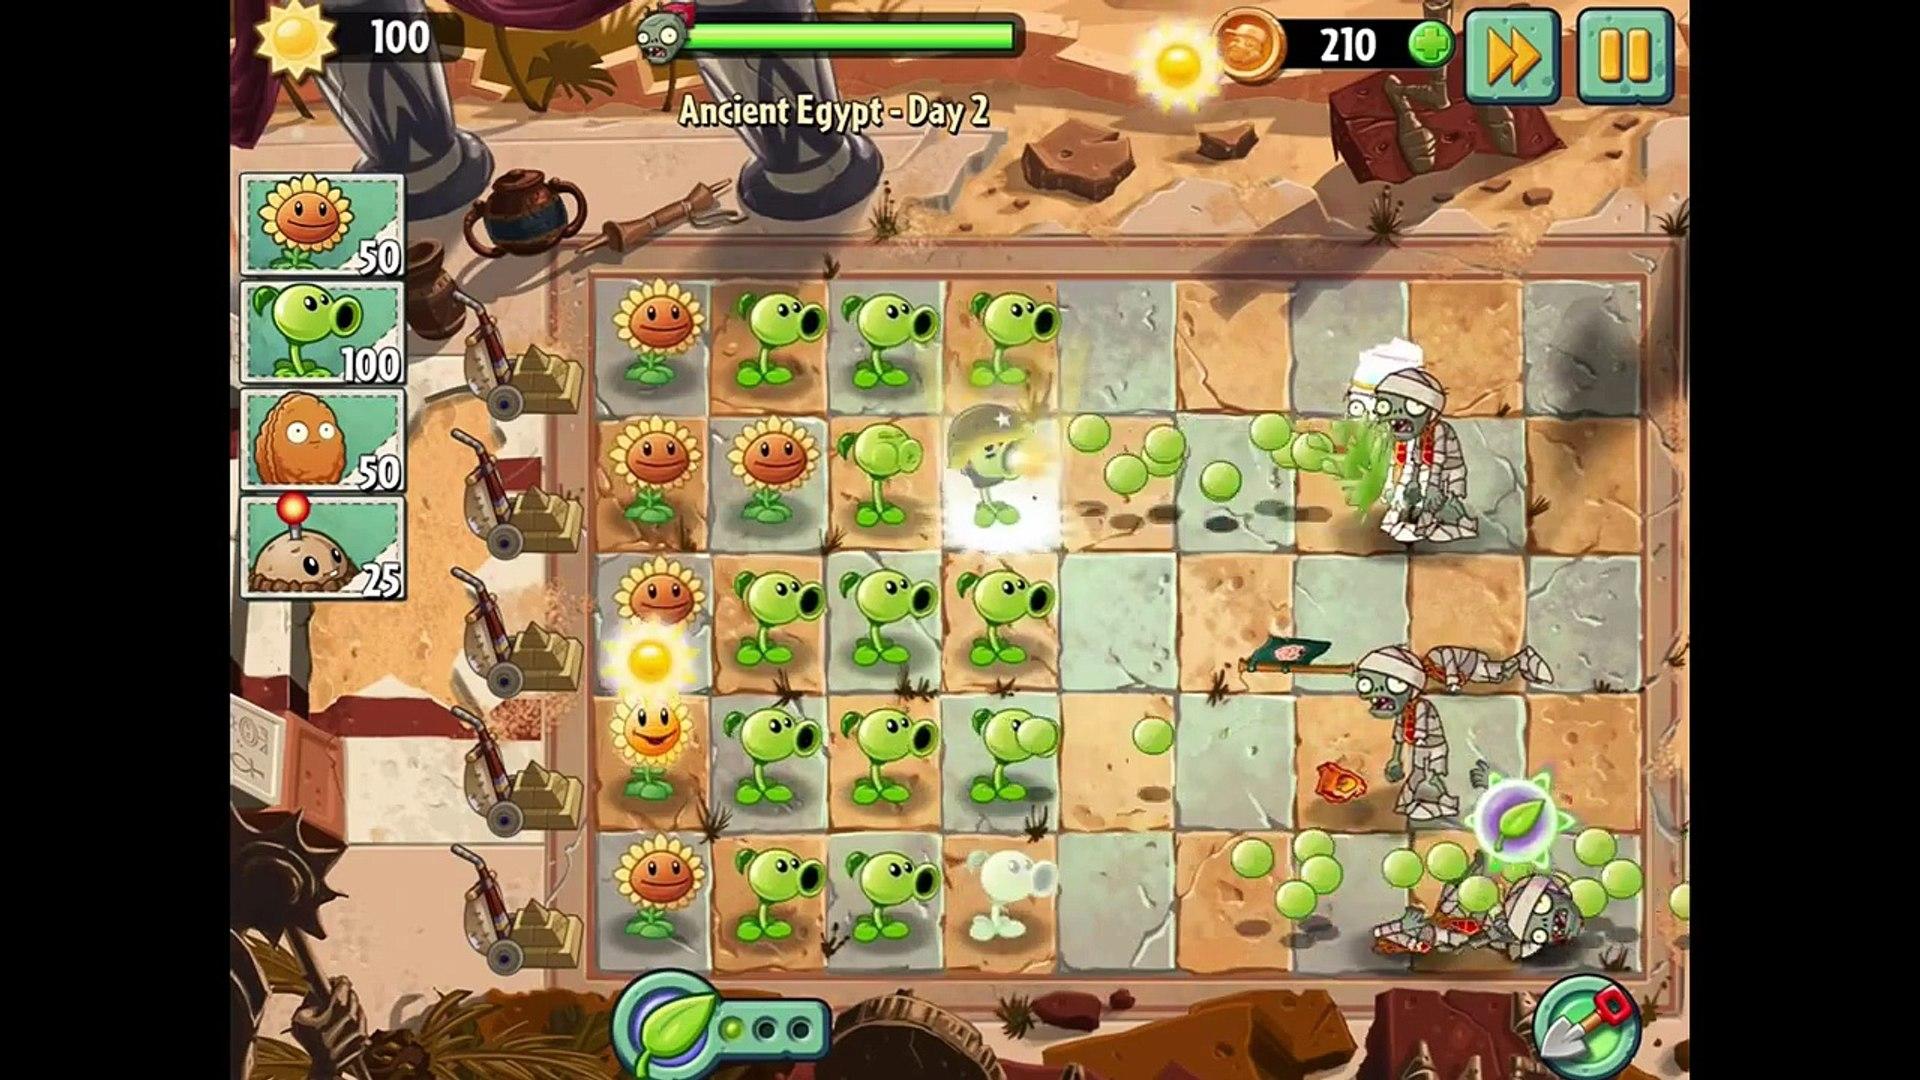 игра мультик приключеник овощи против зомби 2 игра египед часть 1 # 3